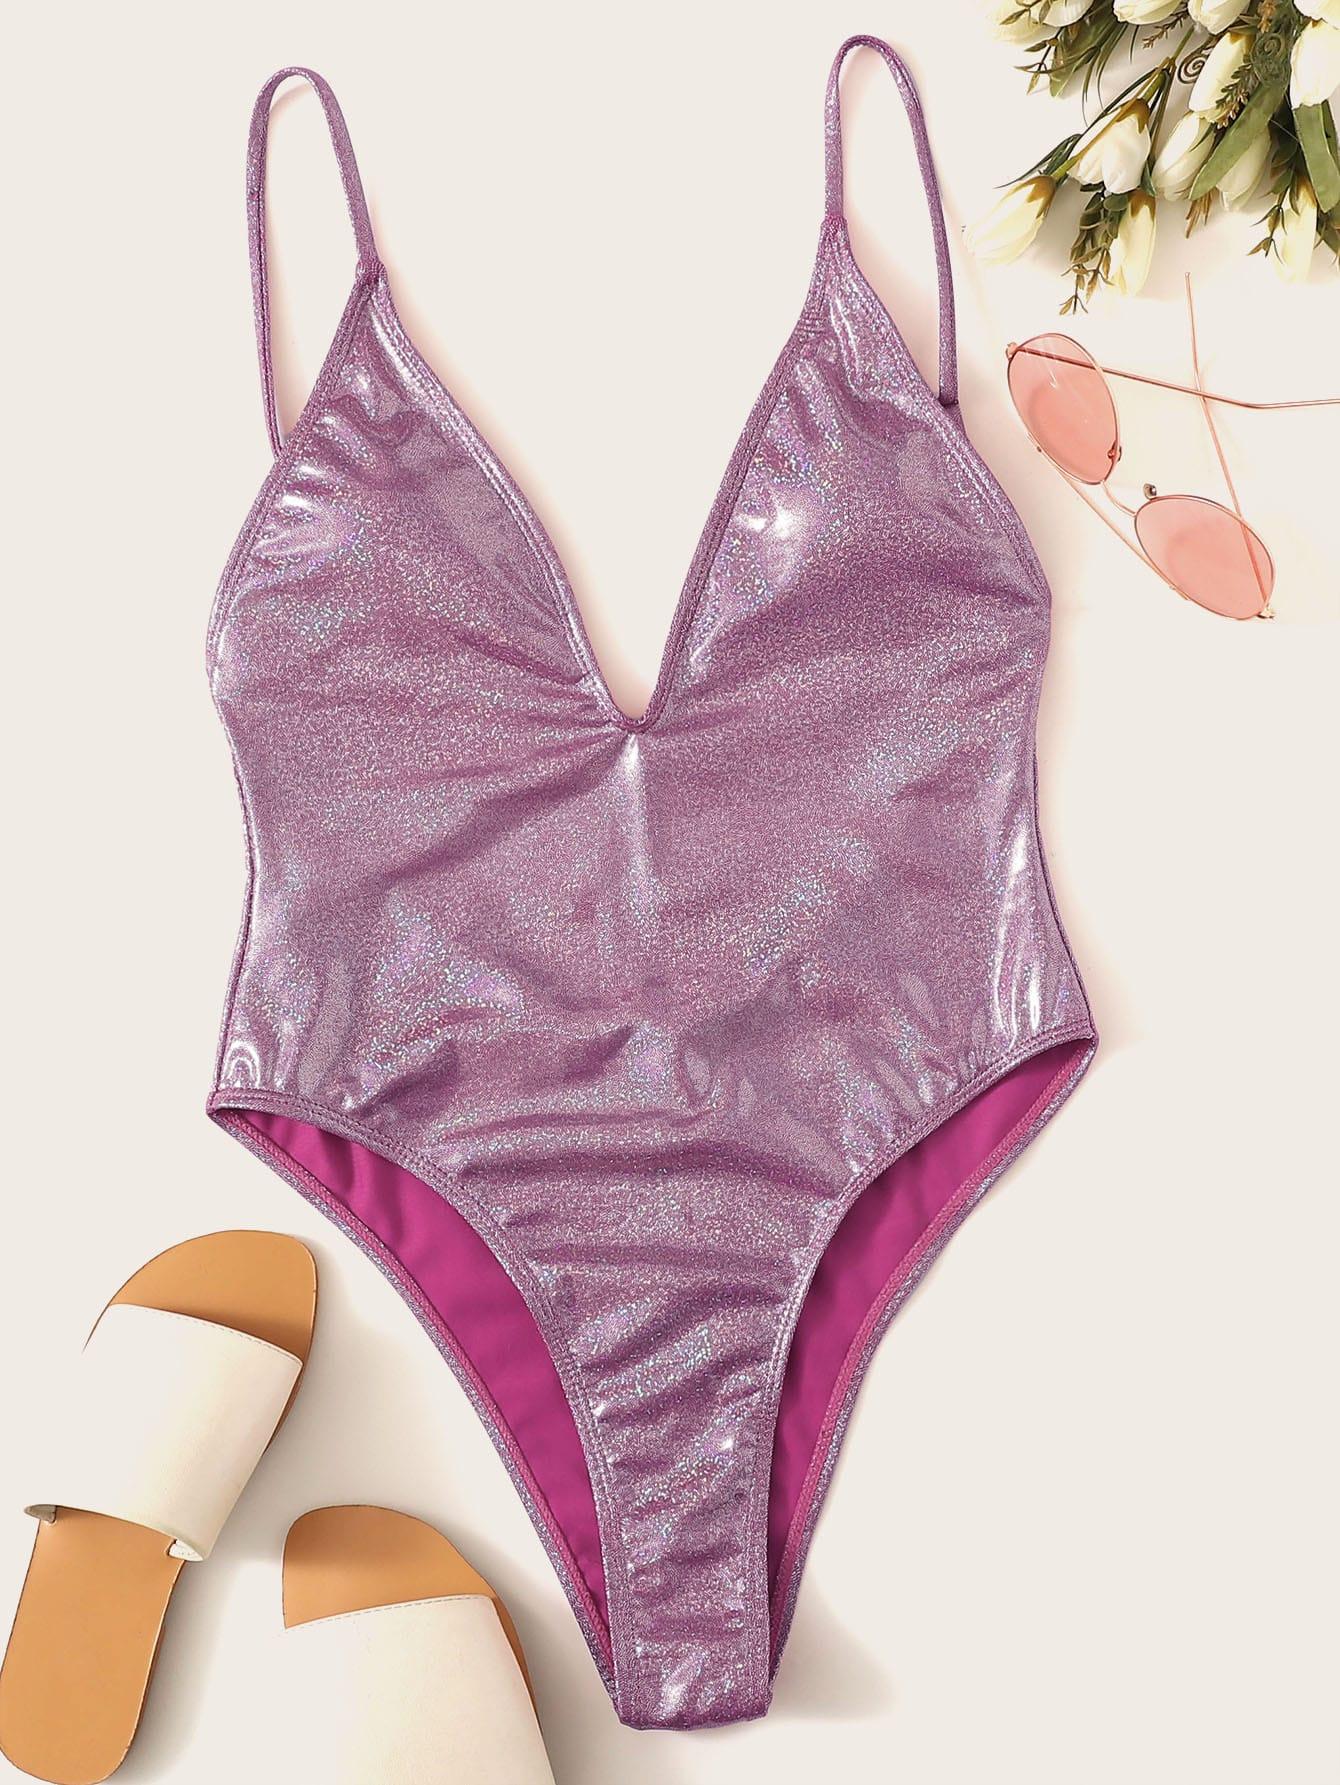 Фото - Блестящий слитный купальник с открытой спинкой от SheIn фиолетового цвета